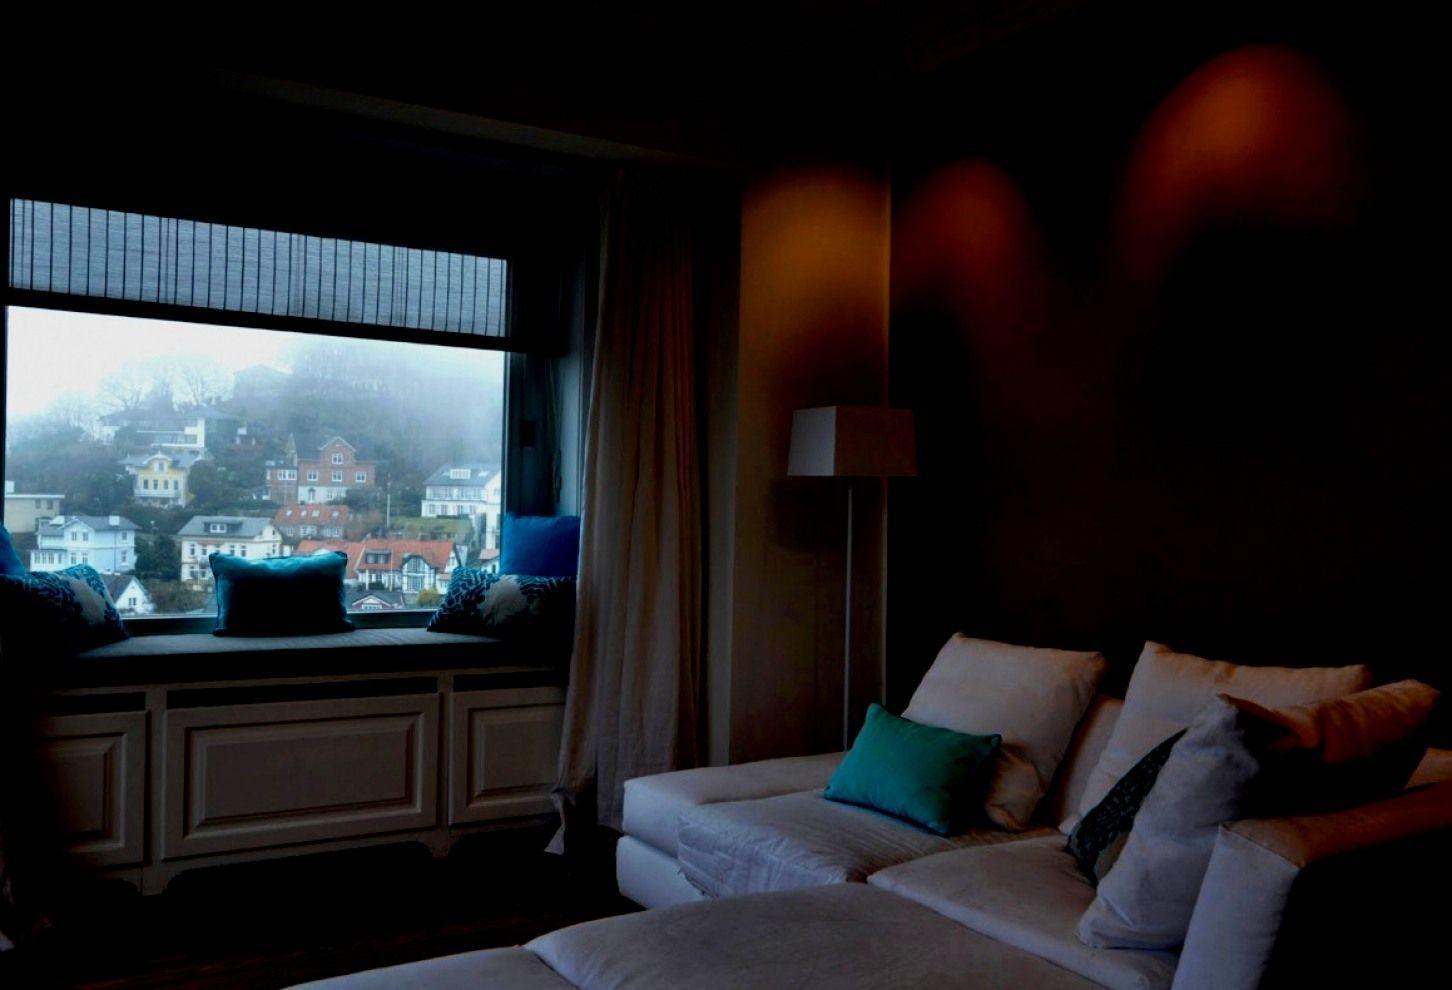 13 Einzigartig Fotos Von Wohnzimmer Ideen Türkis #wanddekowohnzimmer wanddeko wohnzimmer ideen wohnkultur kronleuchter turkis auflistung turkis  #WohnzimmerIdeen #wanddekowohnzimmer